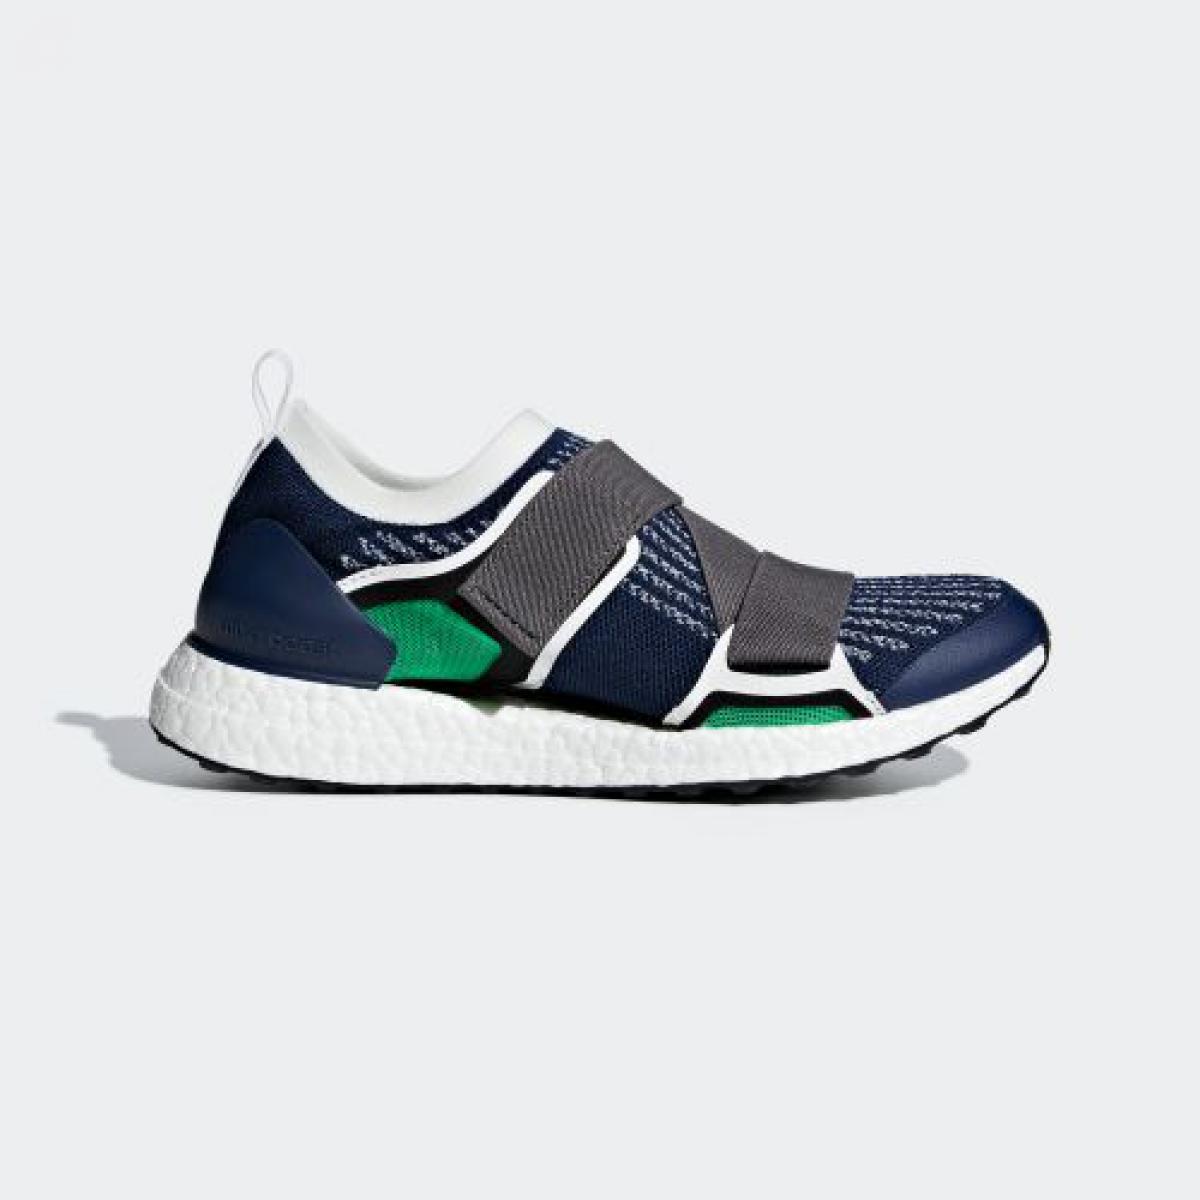 【公式】アディダス adidas ウルトラブースト X / ULTRABOOST X レディース バイ ステラ マッカートニー ランニング シューズ スポーツシューズ BC0308